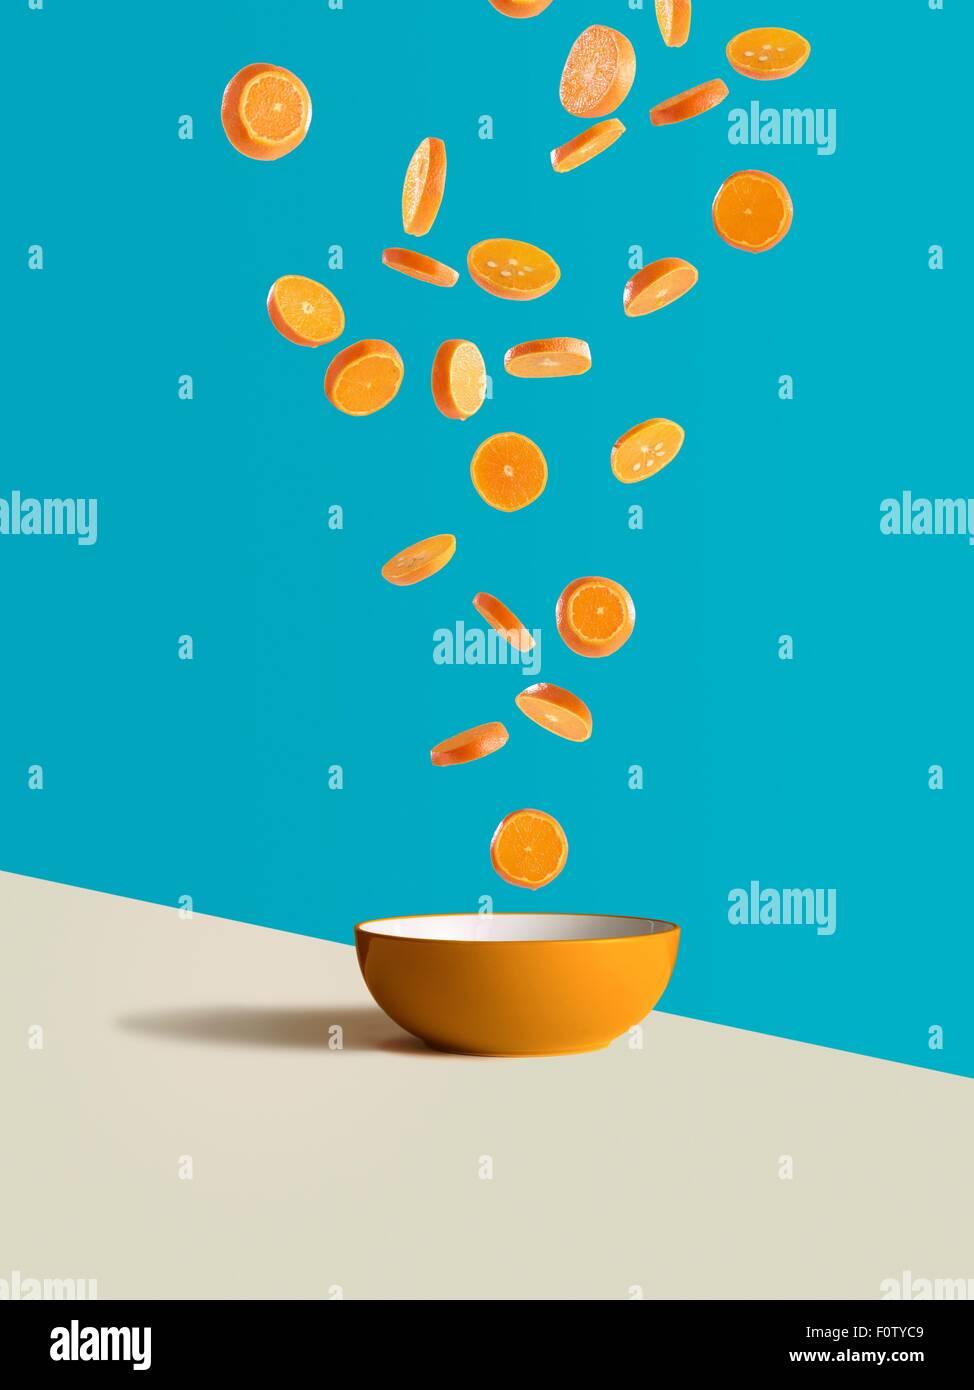 Fresh sliced oranges dropping into orange bowl - Stock Image